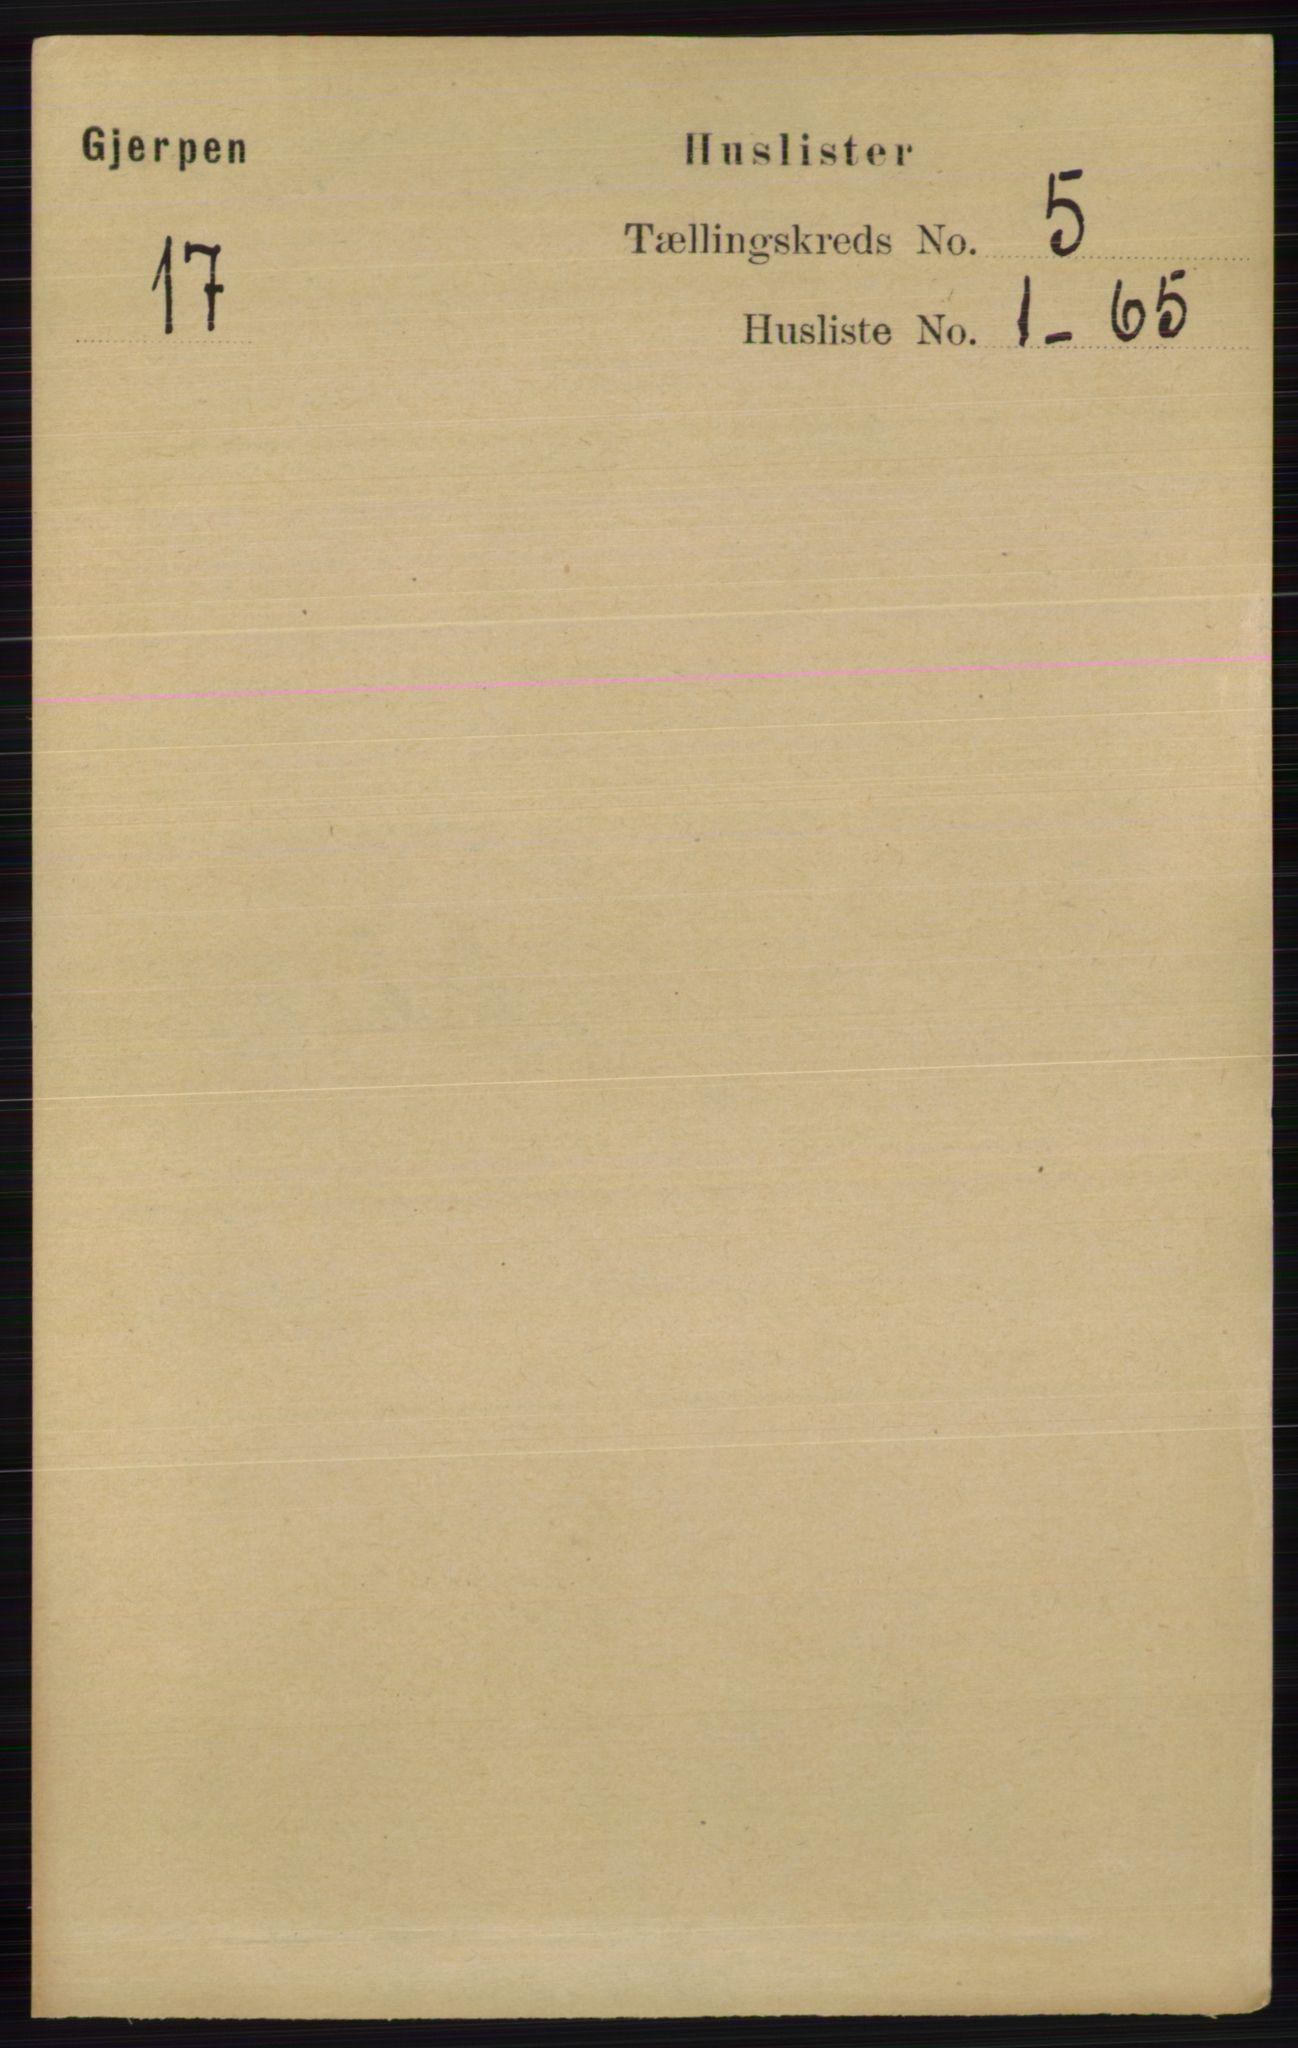 RA, Folketelling 1891 for 0812 Gjerpen herred, 1891, s. 2425